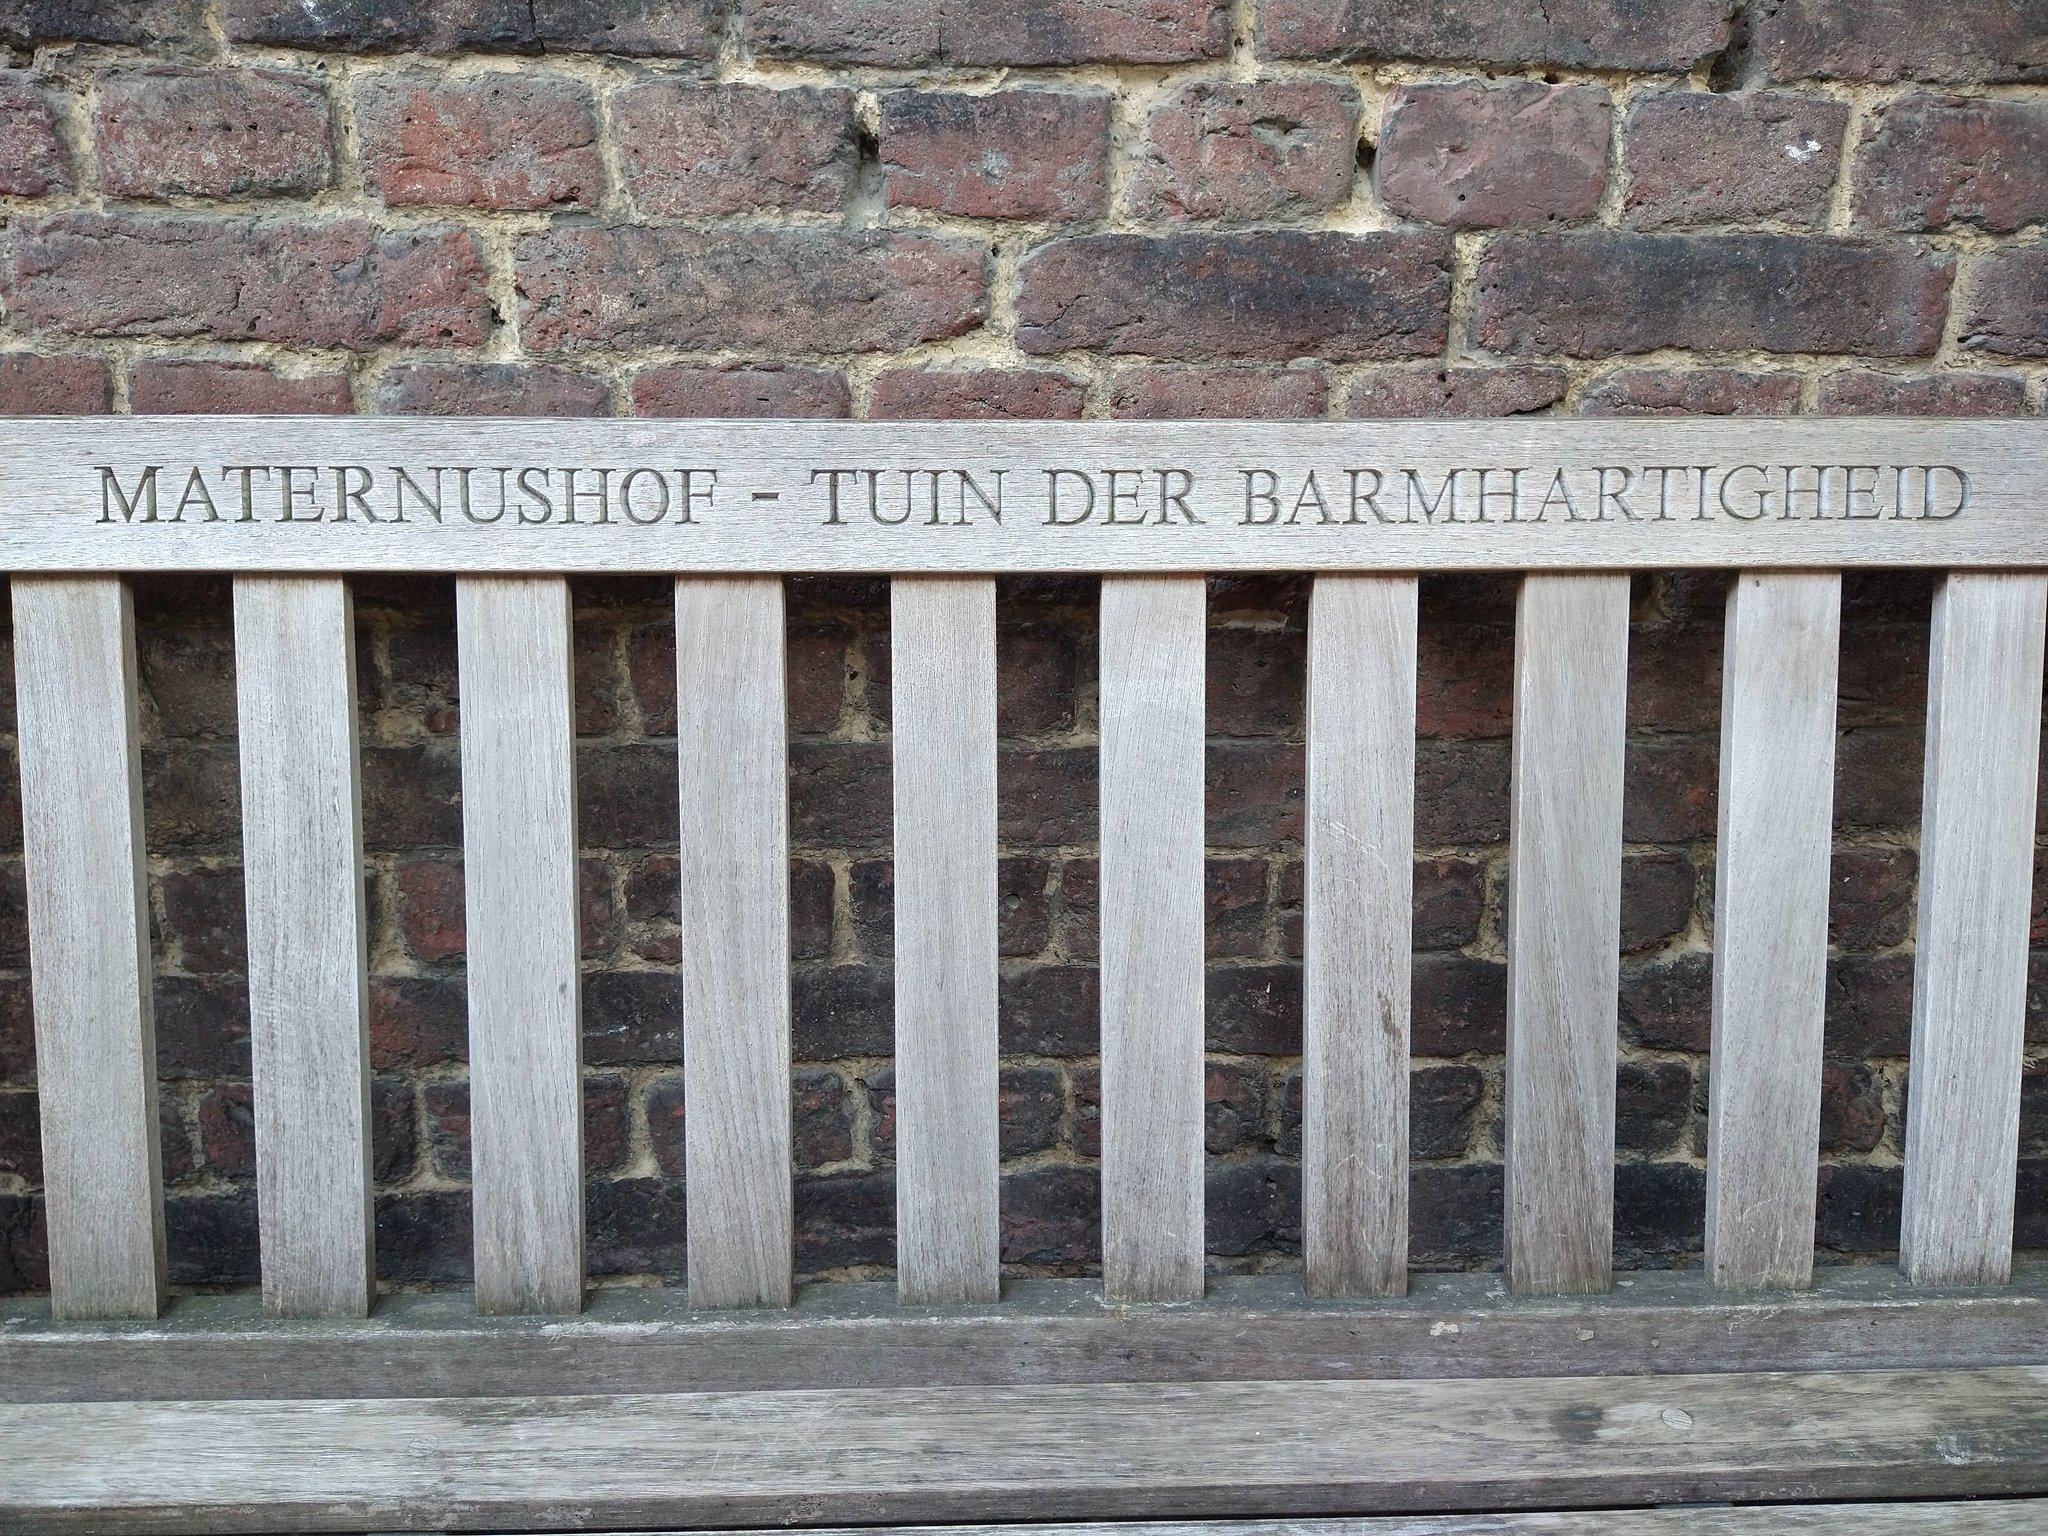 rt-willemwandelt-in-maastricht-maternushof-tuin-der-barmhartigheid-wandelbankjeswandelbankjes-uitmaastricht-basiliekm-https